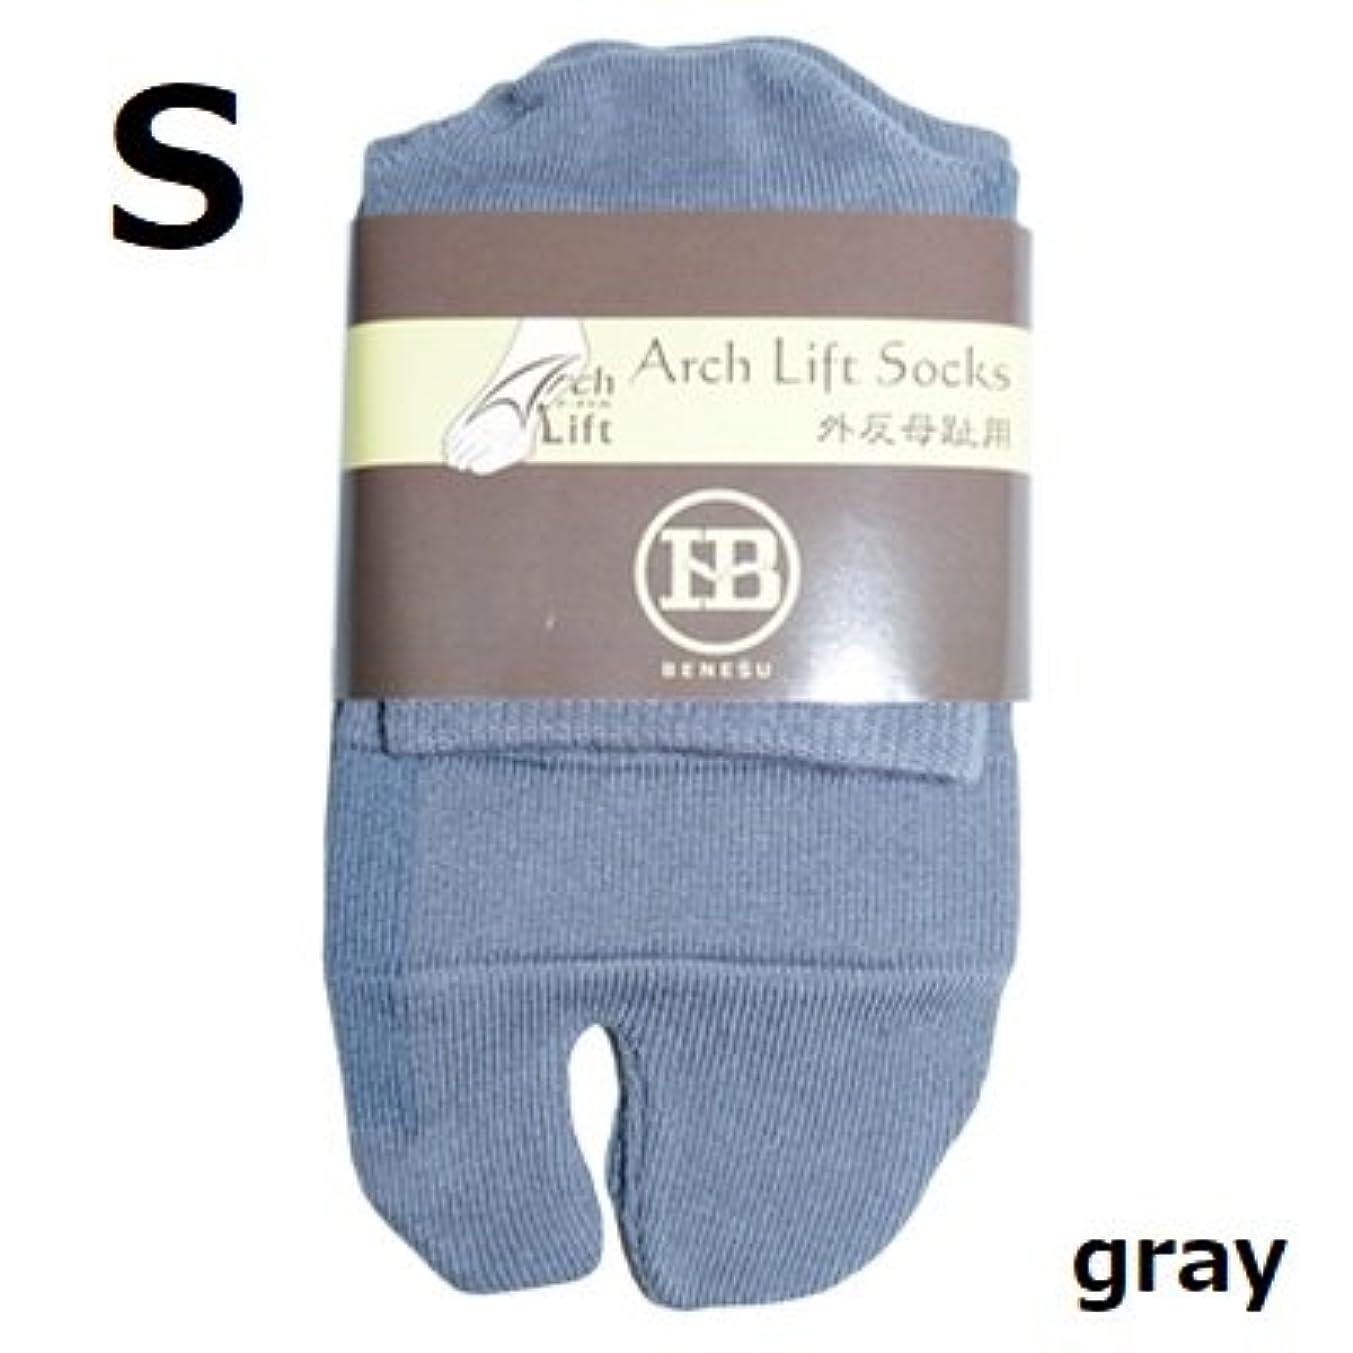 関係バンドルメンターアーチライフソックス 外反母趾 テーピング加工靴下 サポーター(カラー:灰色)(サイズ:S)